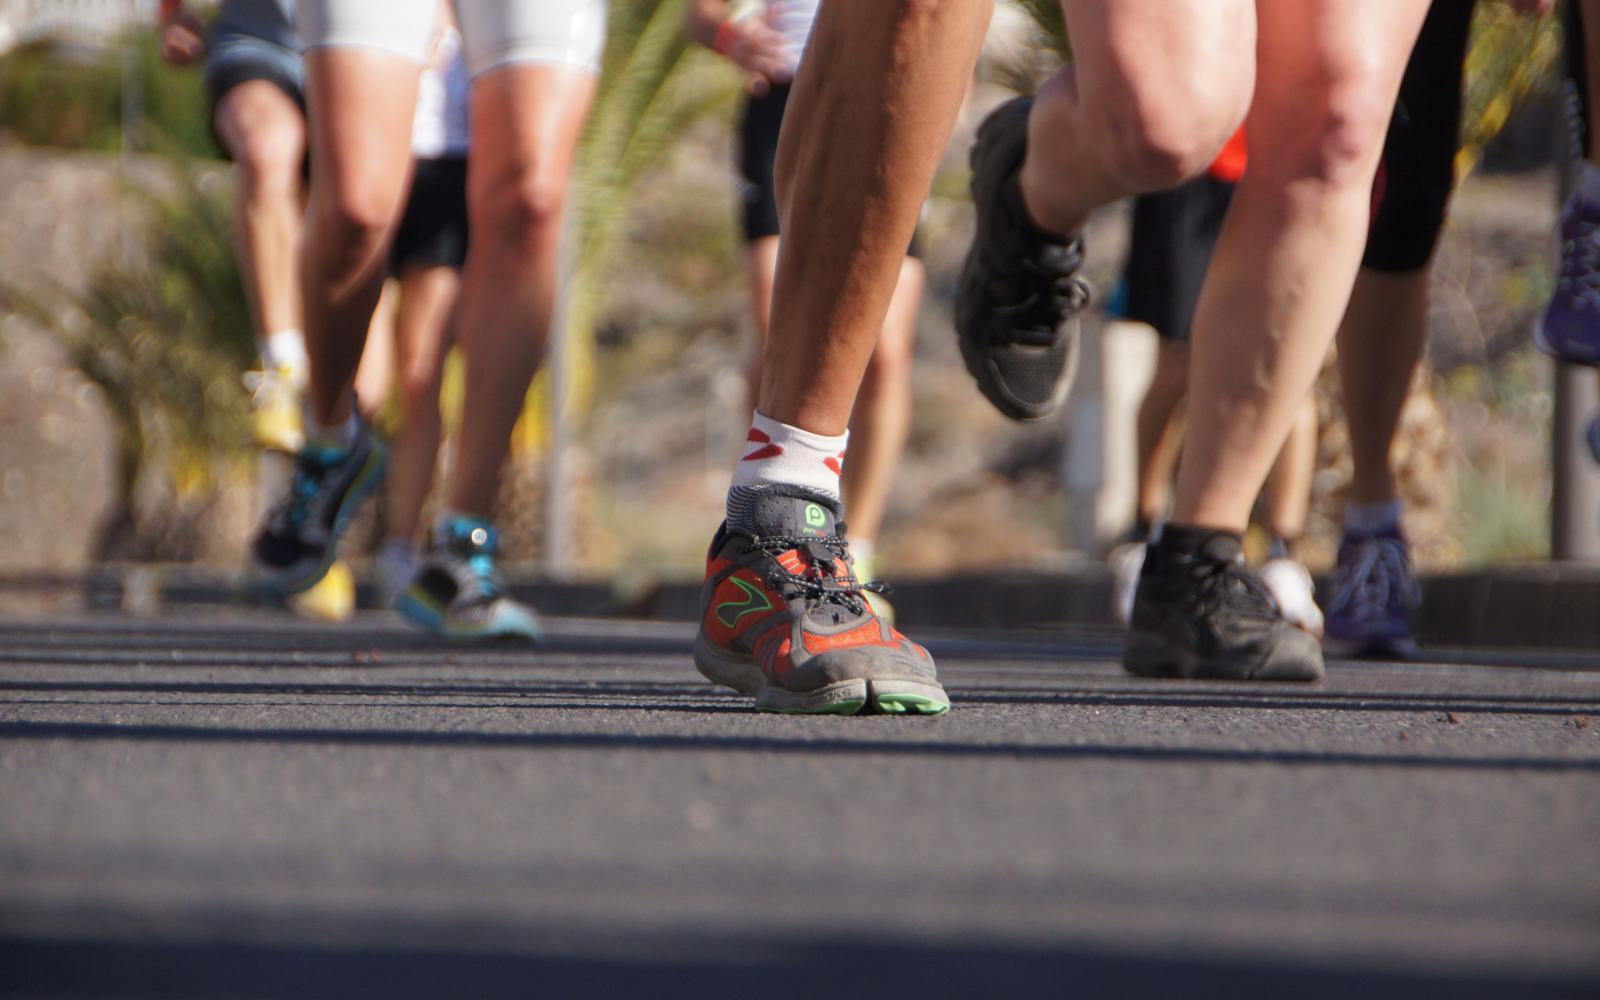 Die besten Laufschuhe für Marathon und Ironman Wettkämpfe